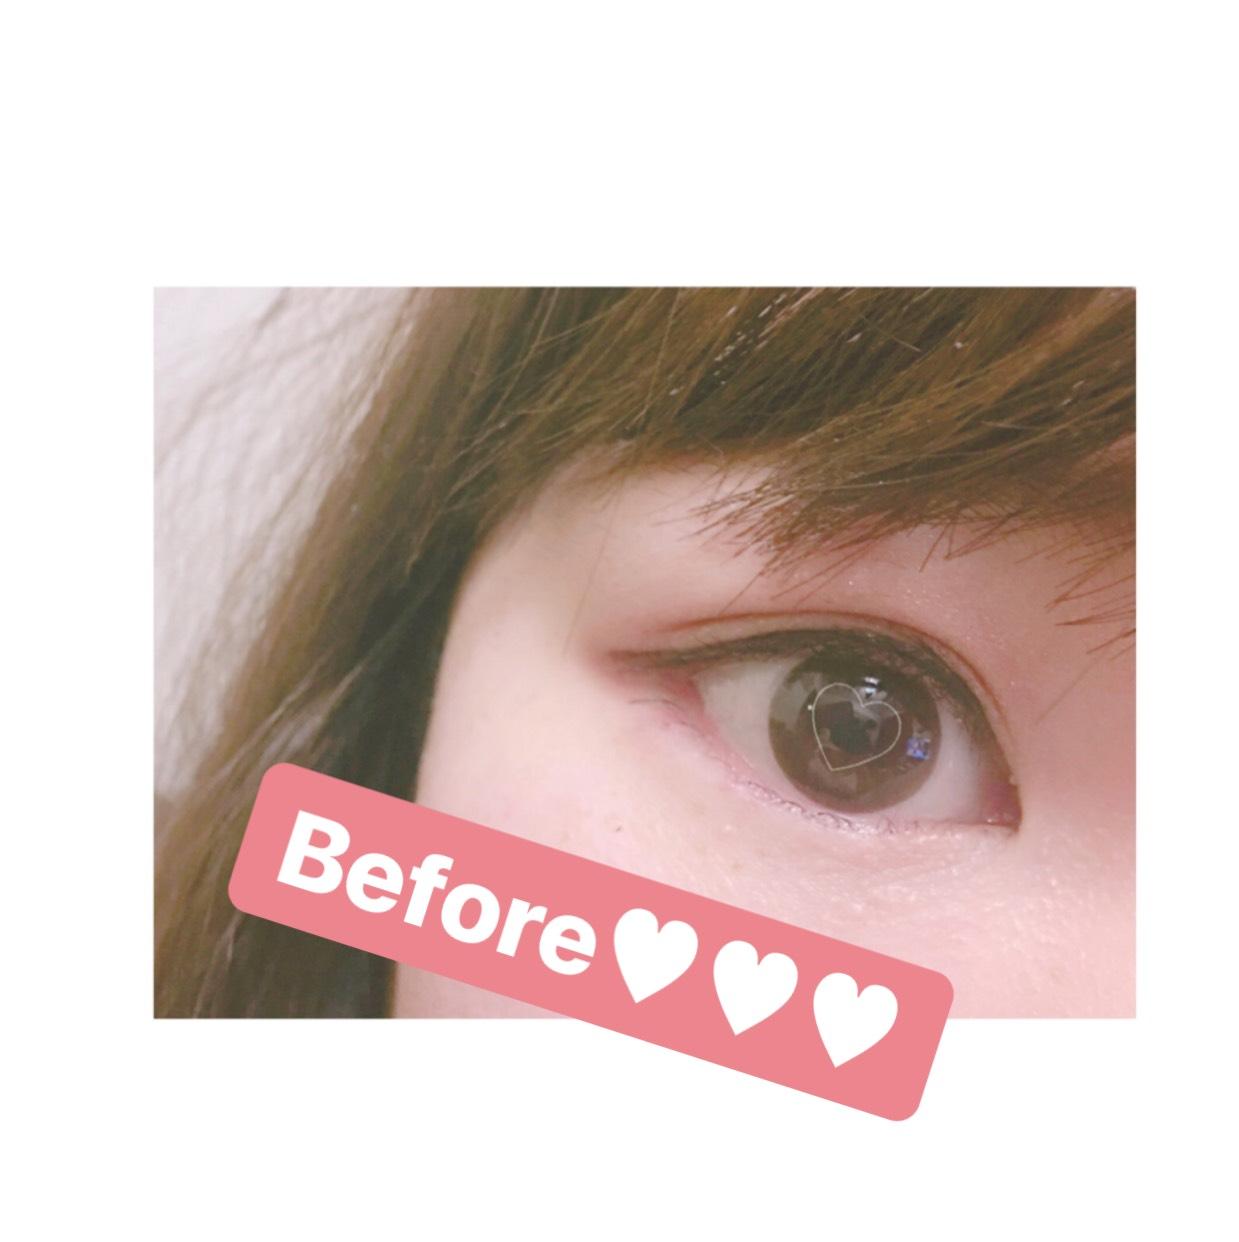 ダイヤル式マスカラ♡♡♡のBefore画像